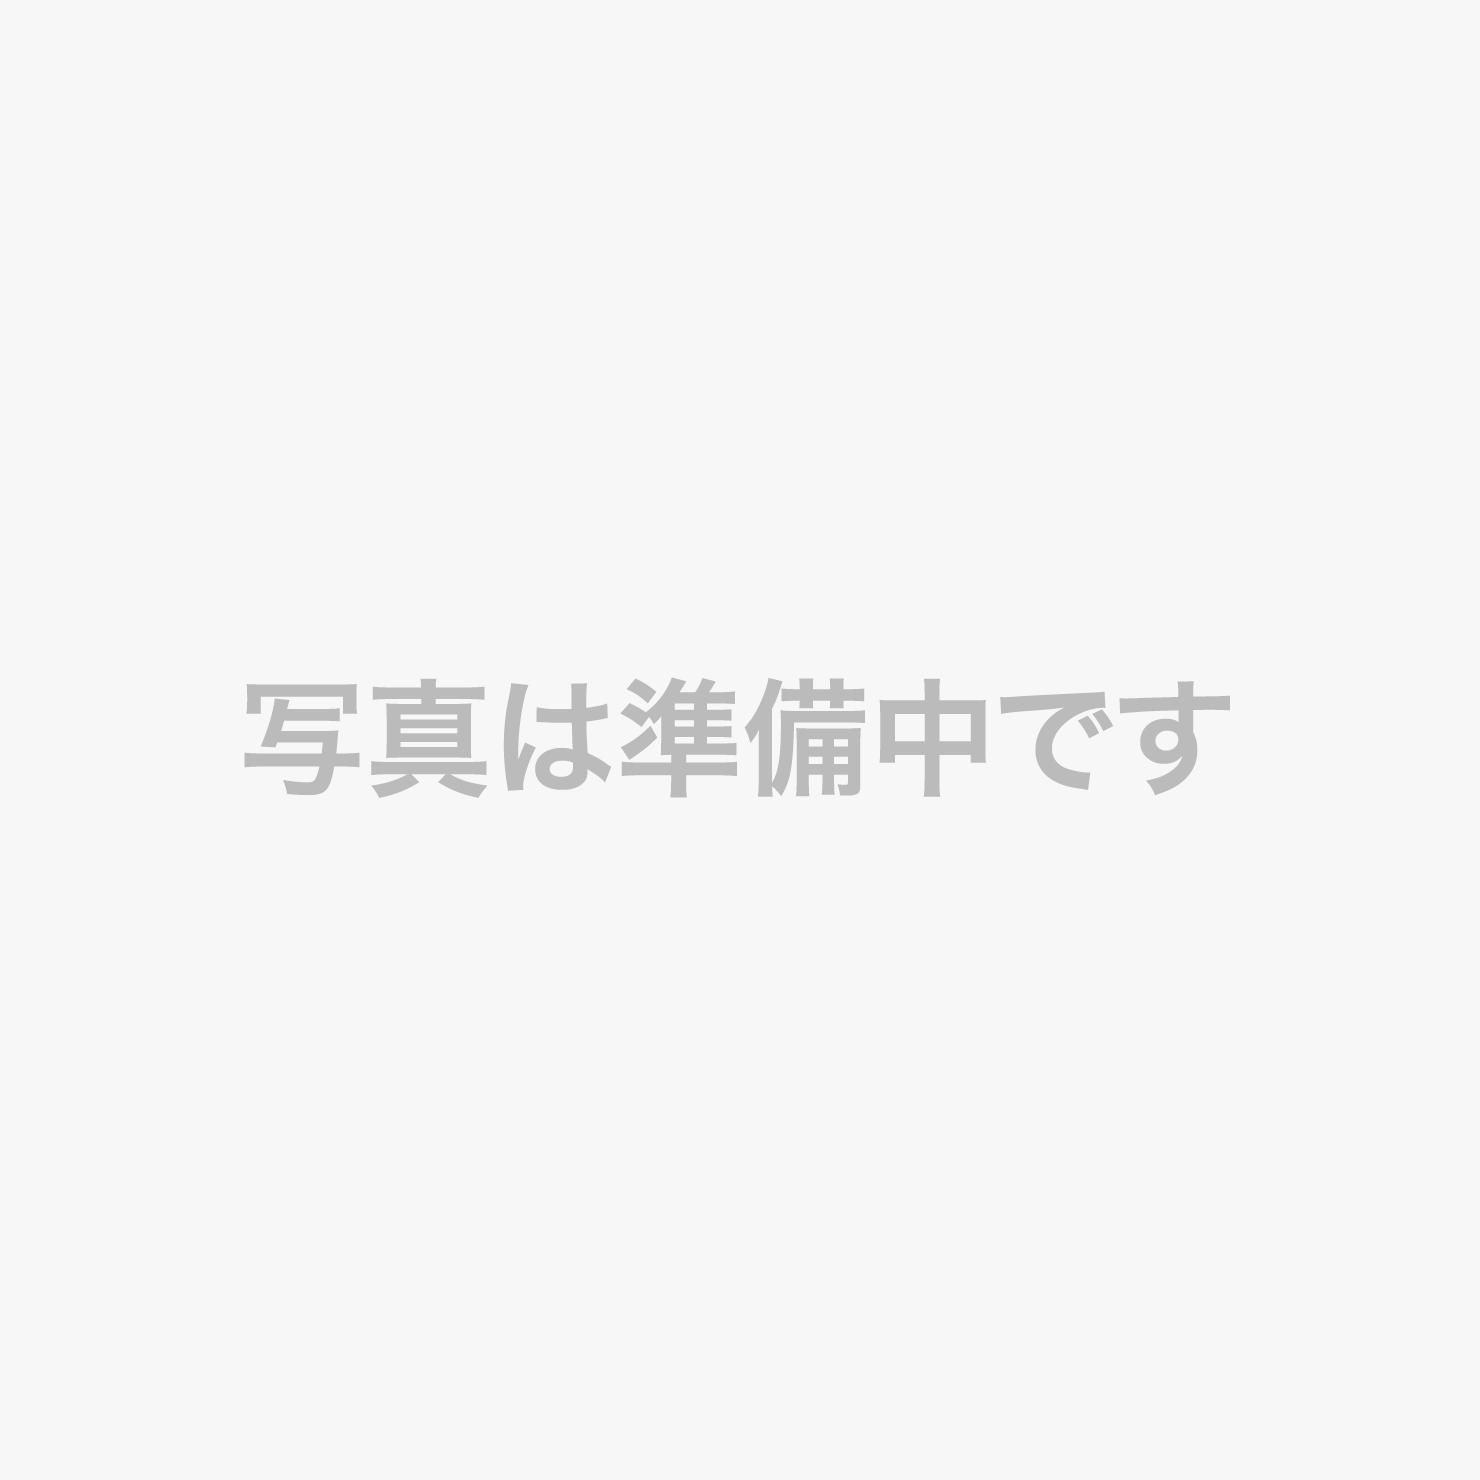 日本料理「女郎花」